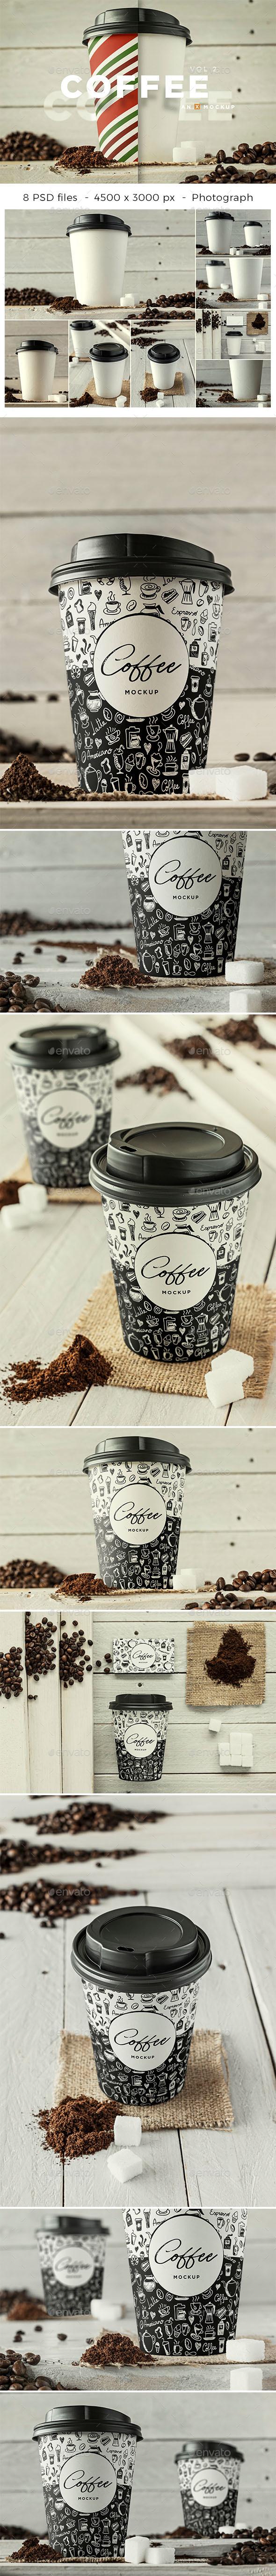 Coffee Branding Mockup - Vol 2. - Food and Drink Packaging